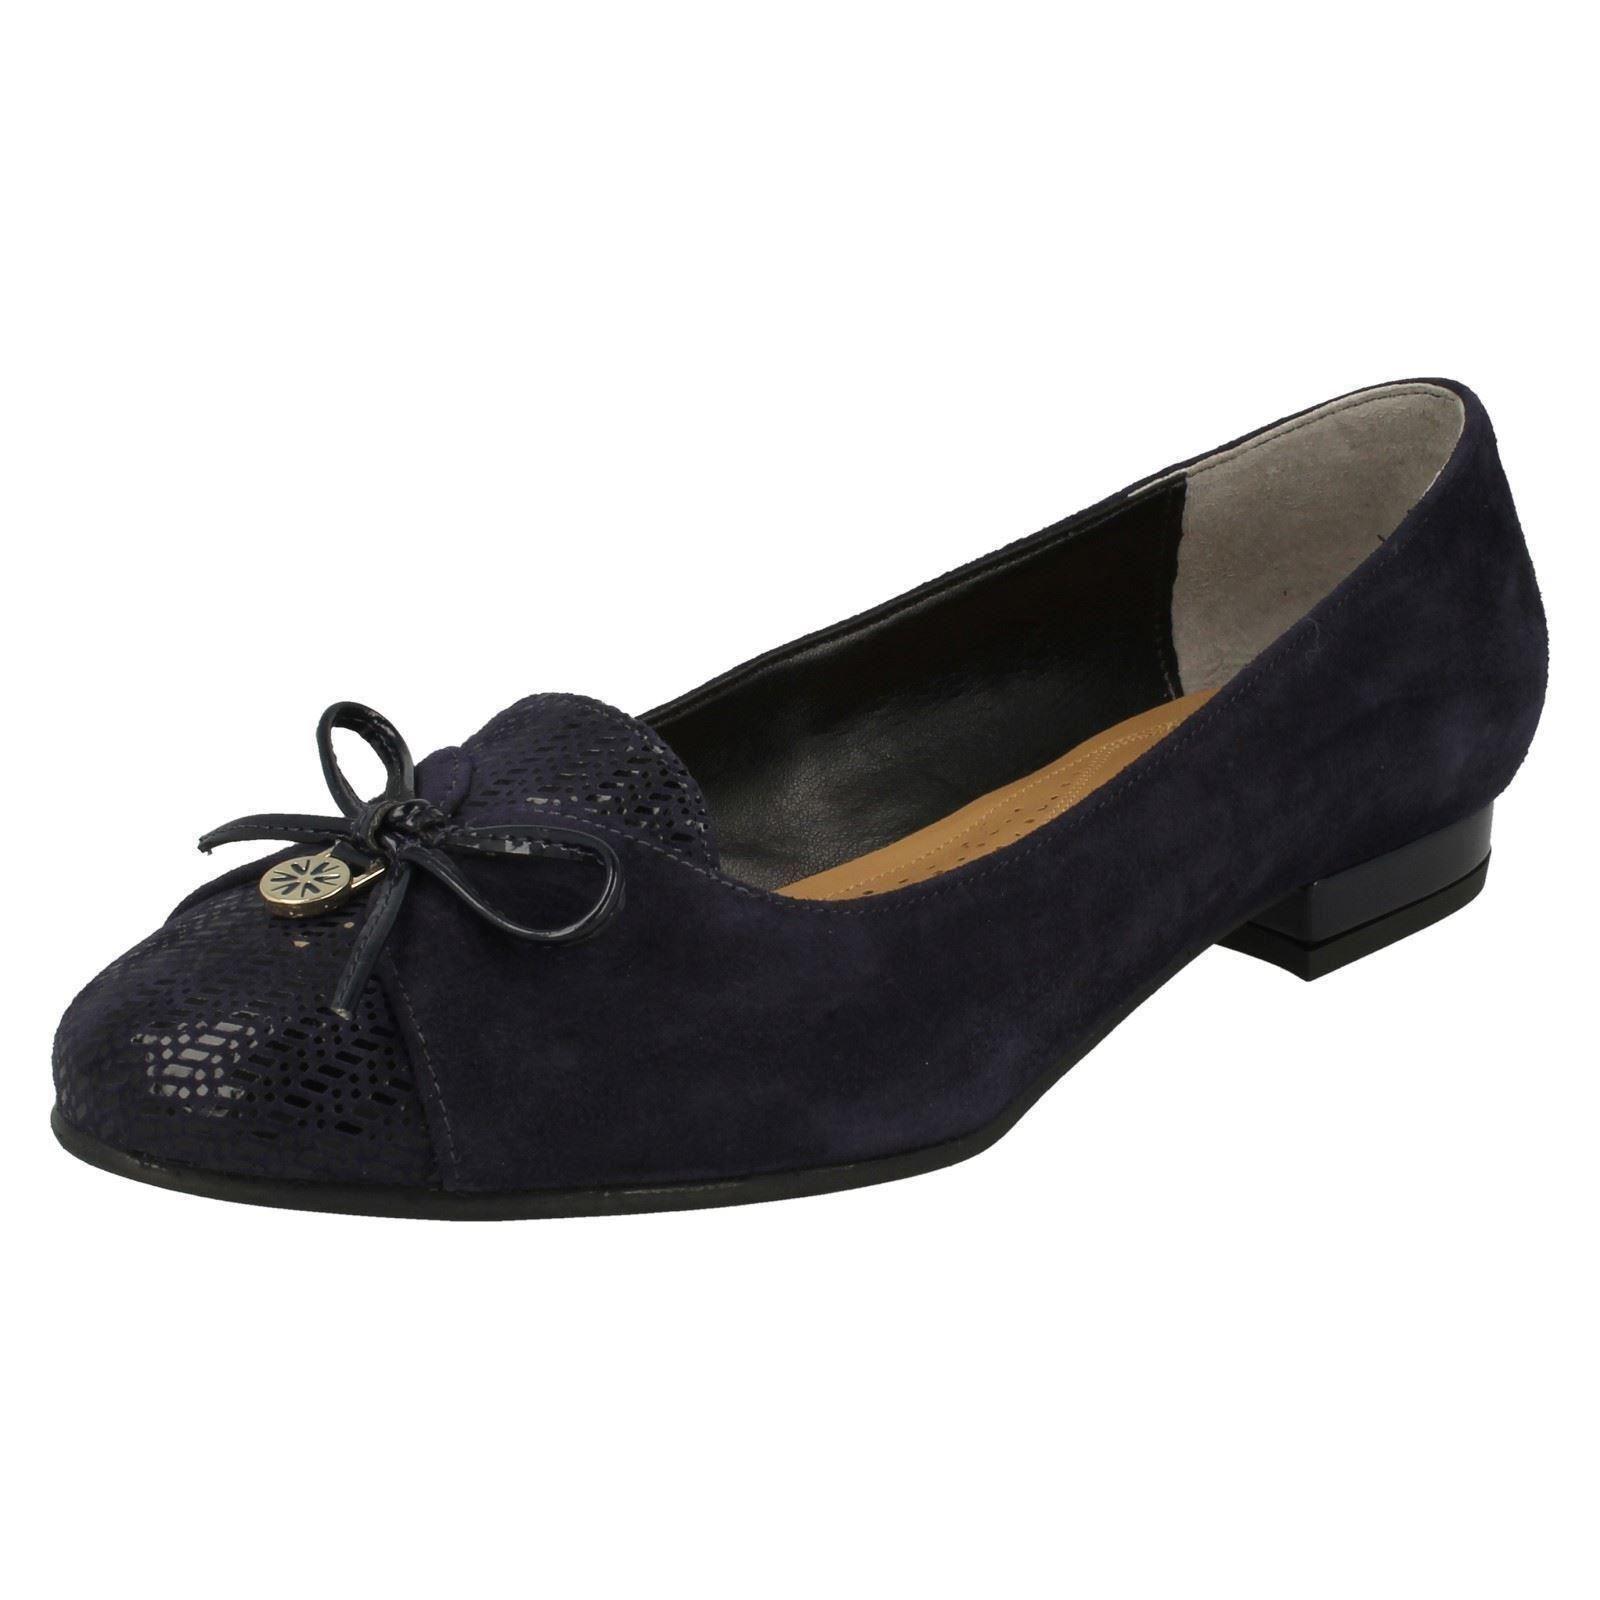 Zapatos casuales salvajes Descuento por tiempo limitado Van Dal Seneca Ladies Smart Slip On Shoe